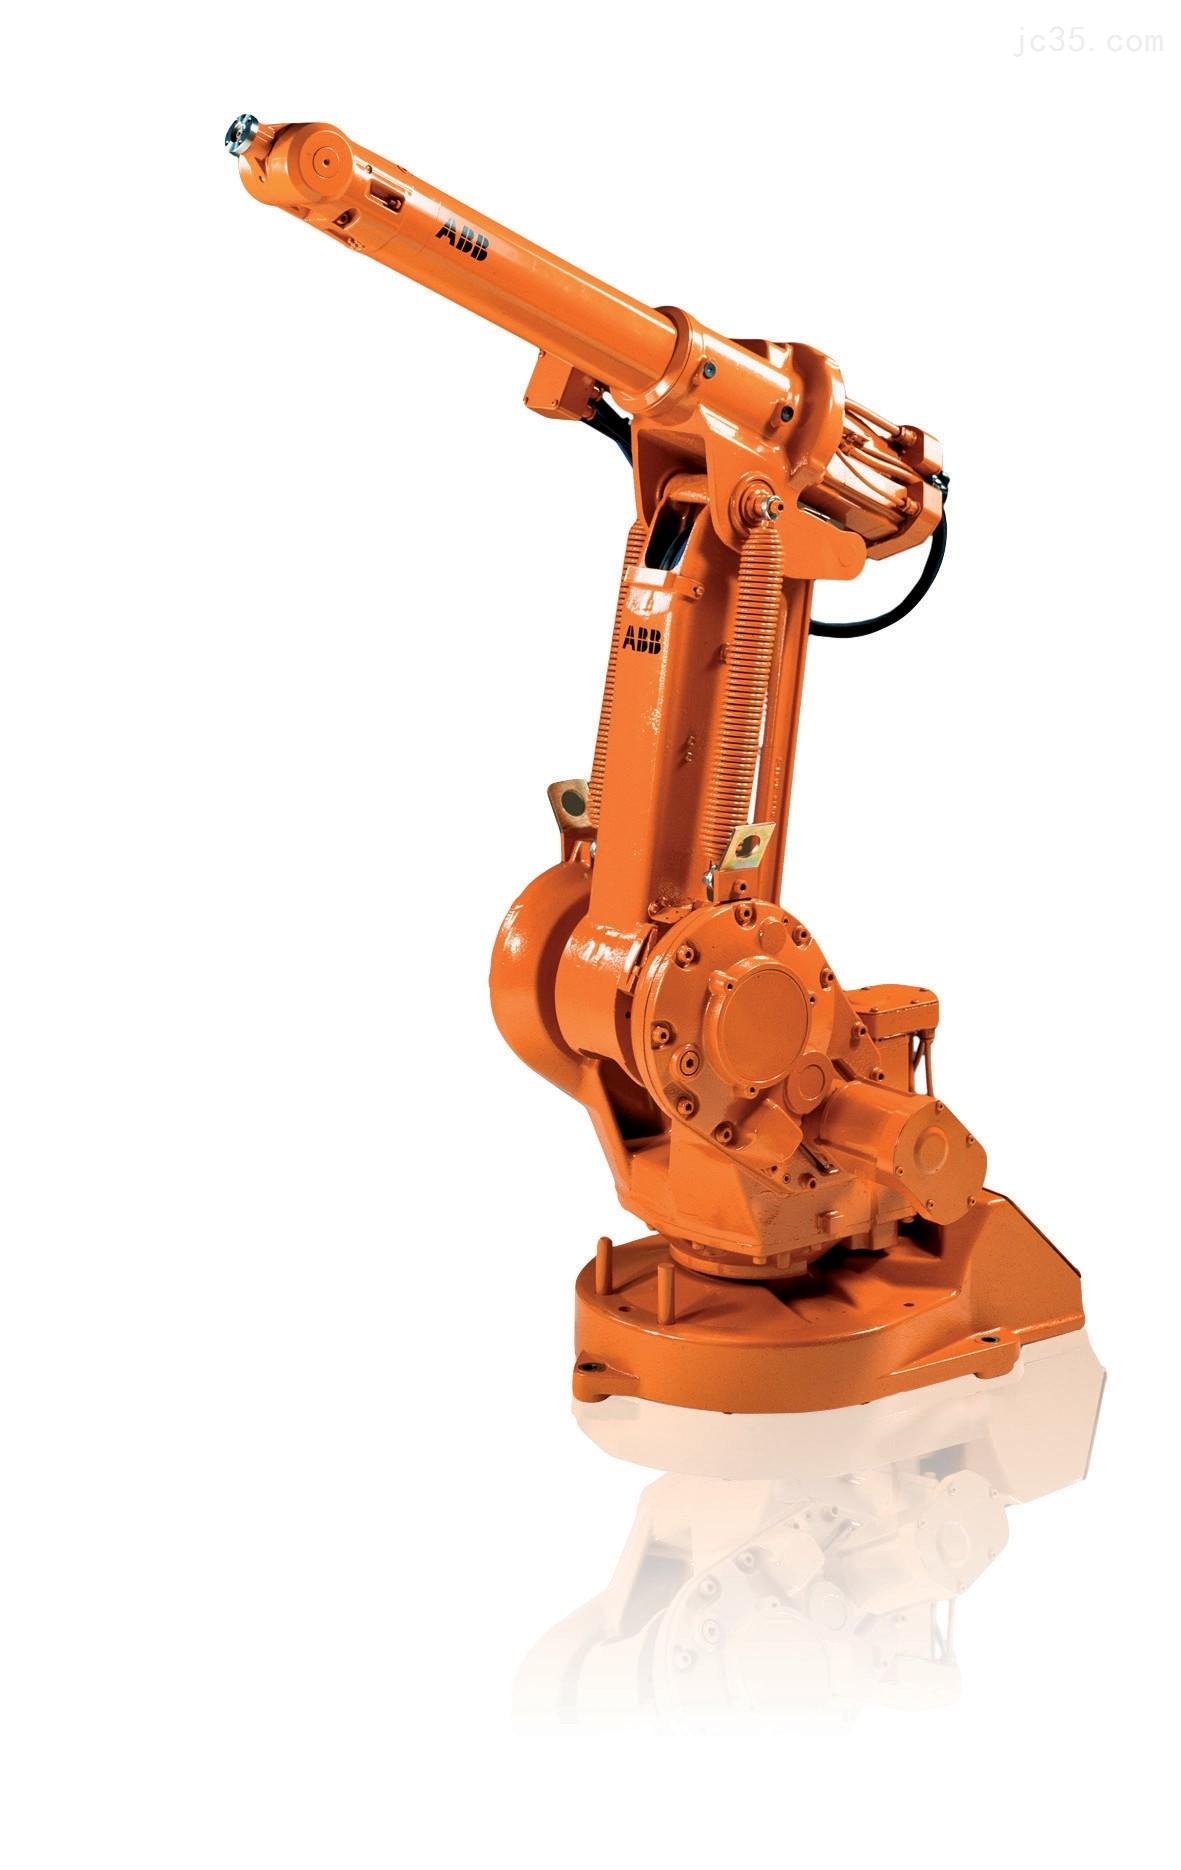 特性: IRB1410机器人在弧焊、物料搬运和过程应用领域历经考验,自1992年以来的全球安装数量已超过18000台。IRB 1410性能卓越、经济效益显著,资金回收周期短。 1.可靠性-- 坚固且耐用 IRB 1410以其坚固可靠的结构而著称,而由此带来的其他优势是噪音水平低、例行维护间隔时间长、使用寿命长。 2.